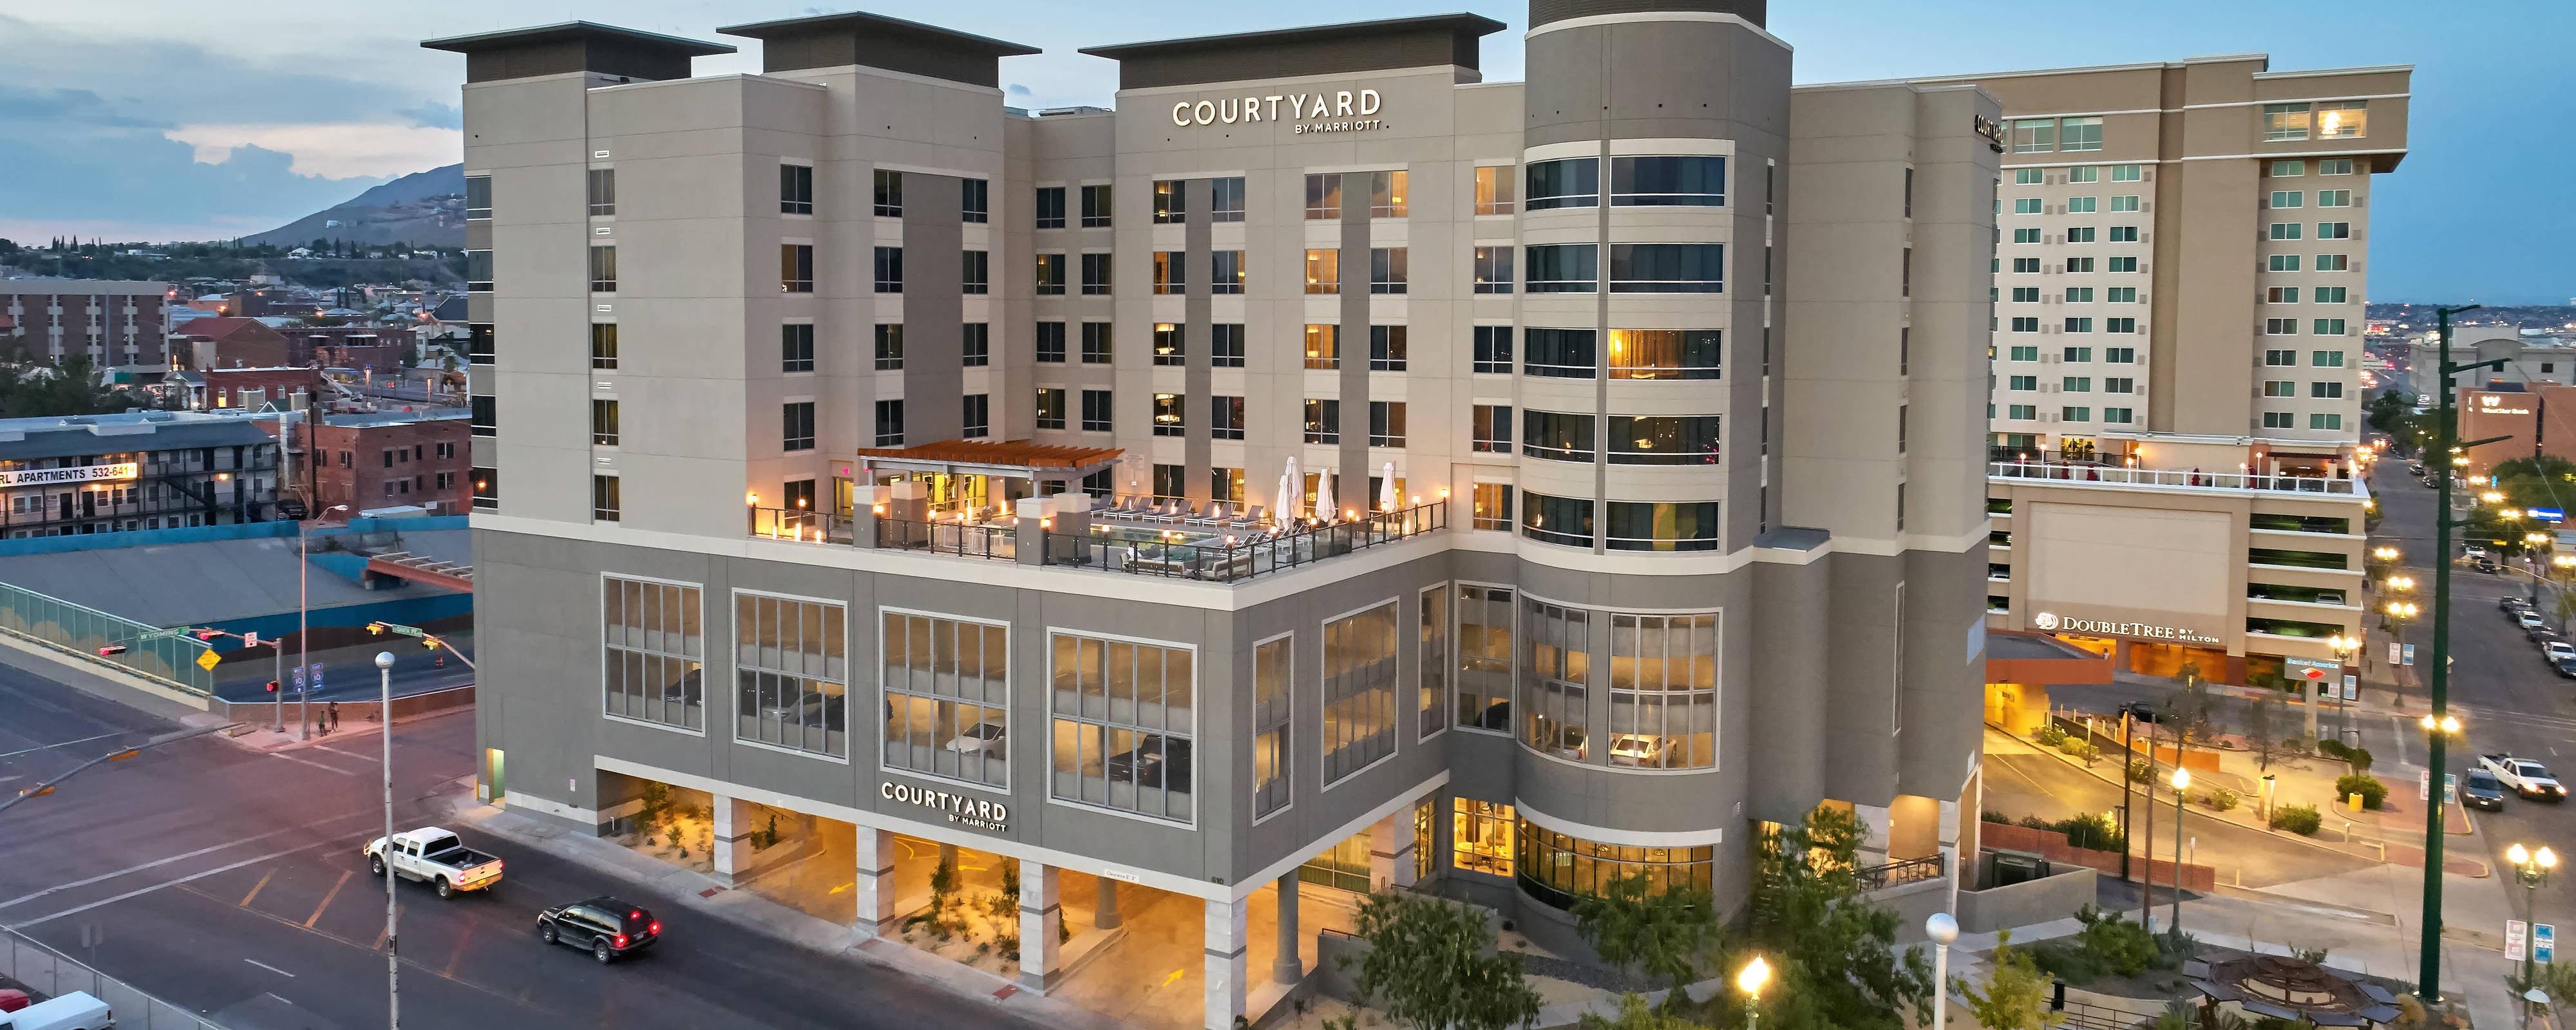 Courtyard El Paso Downtown/Convention Center: El Paso